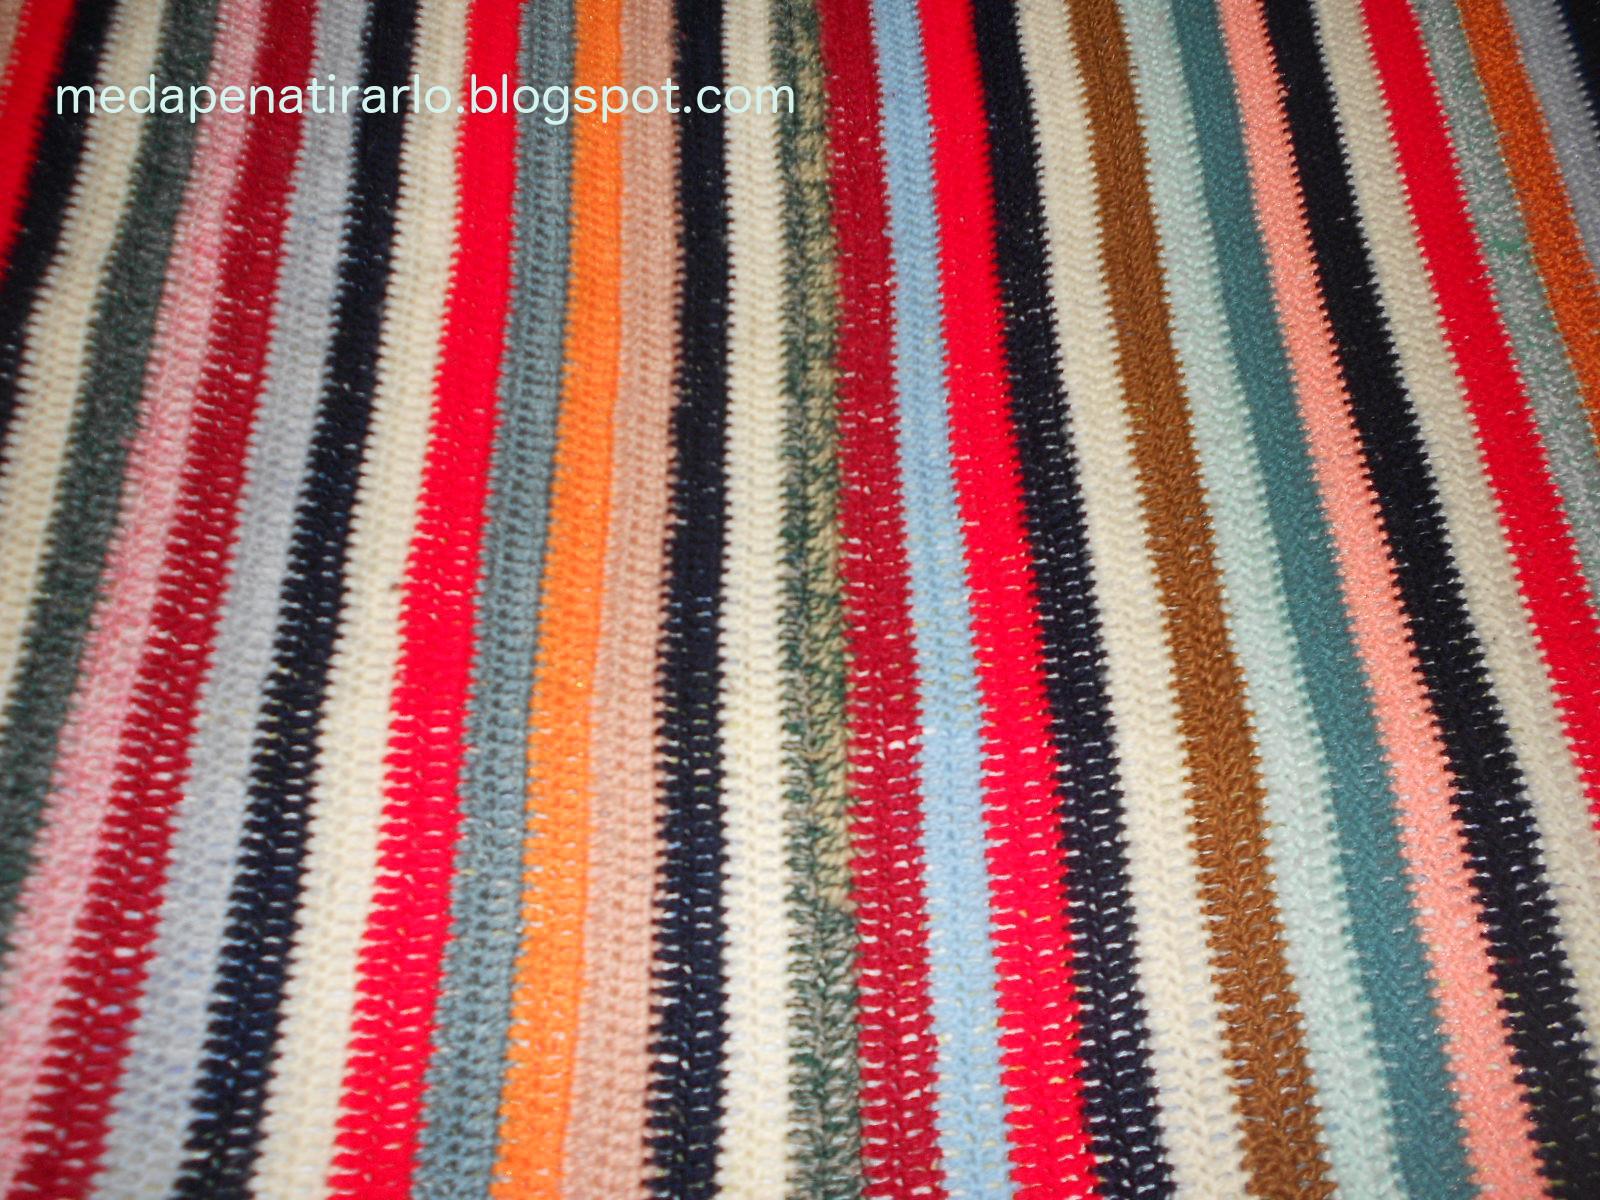 ME DA PENA TIRARLO: Colchas de ganchillo con restos de lana